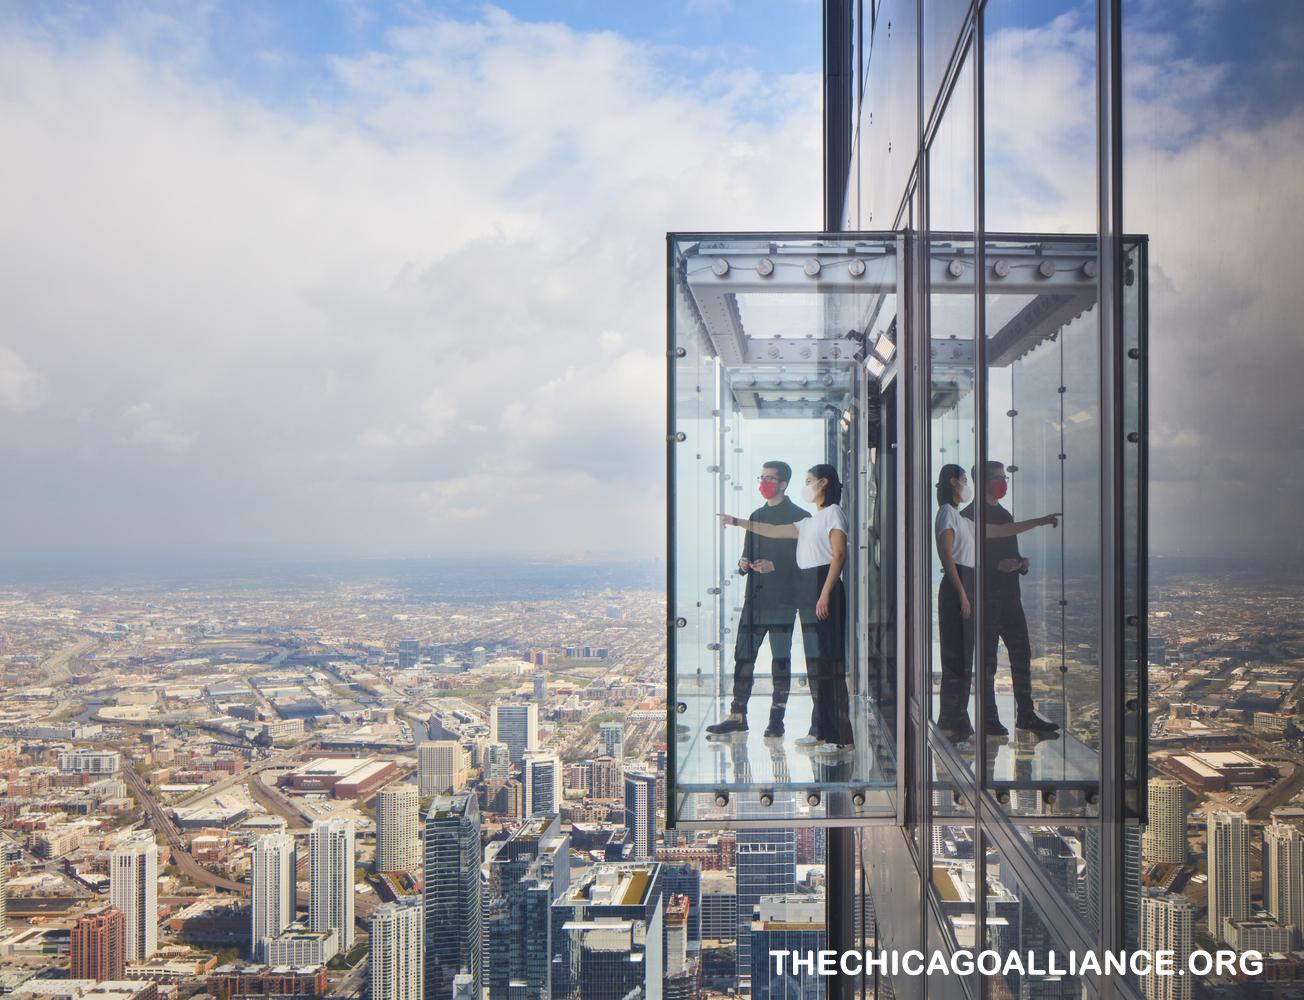 Urutan Tempat Wisata Terbaik Yang Wajib Anda Kunjungi di Chicago USA 2021